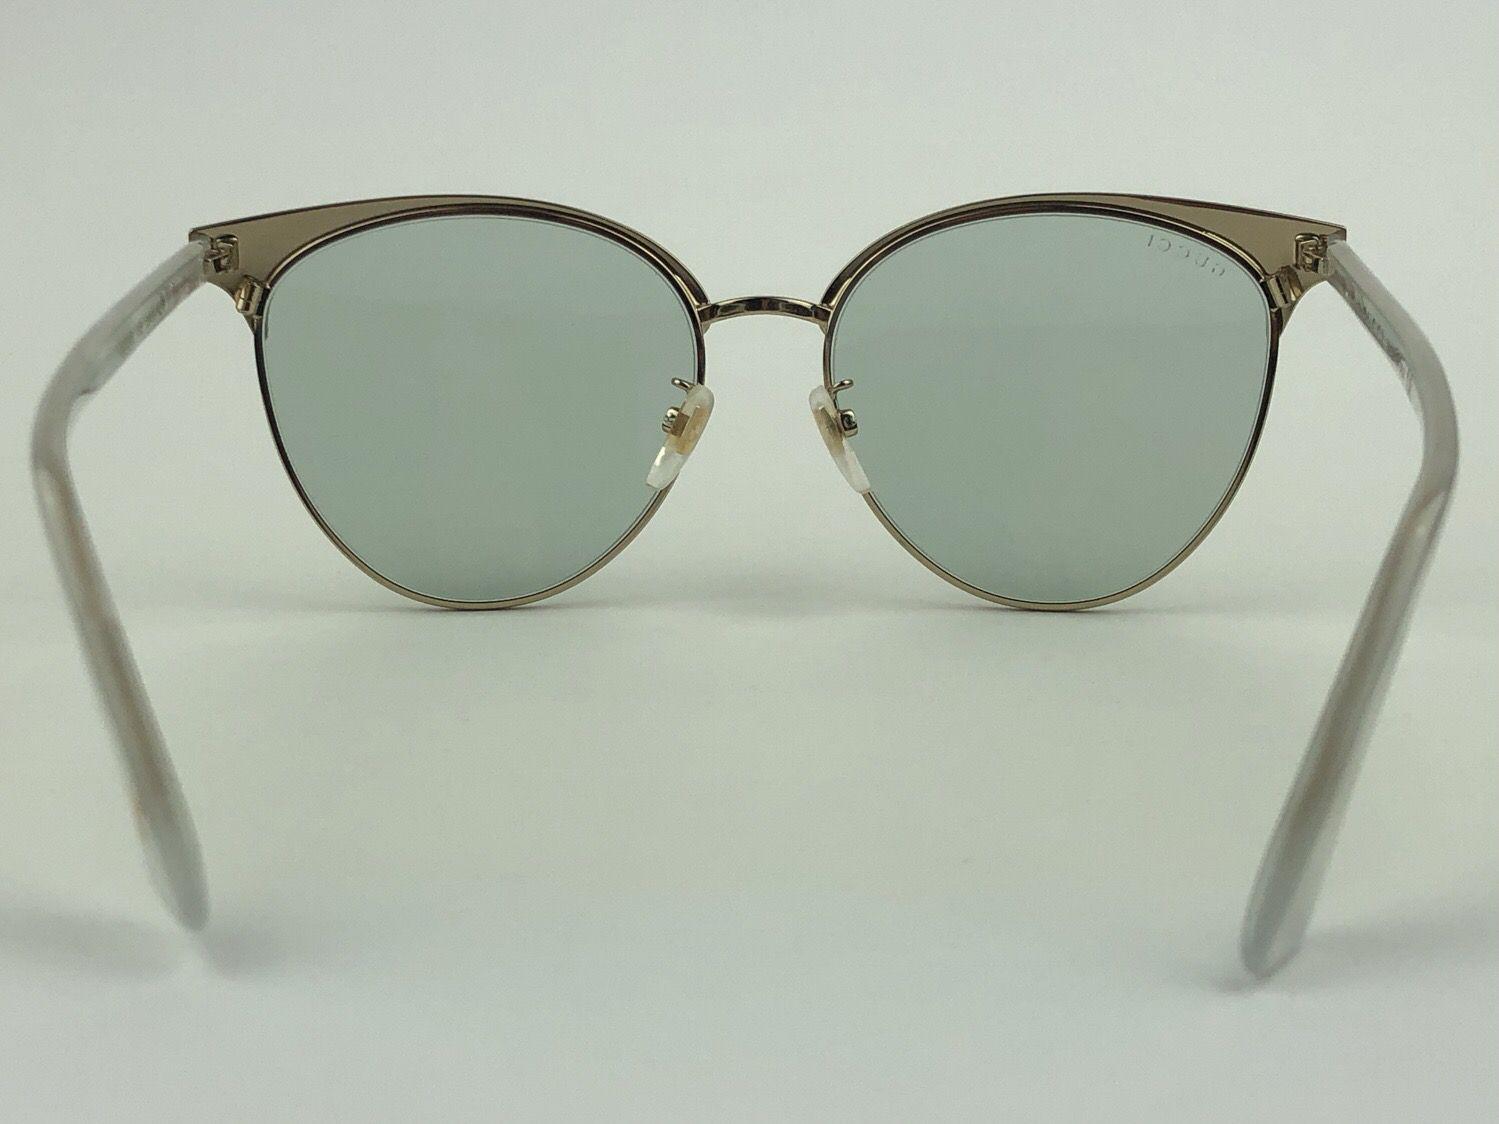 Óculos de sol Gucci GG0245 003 55